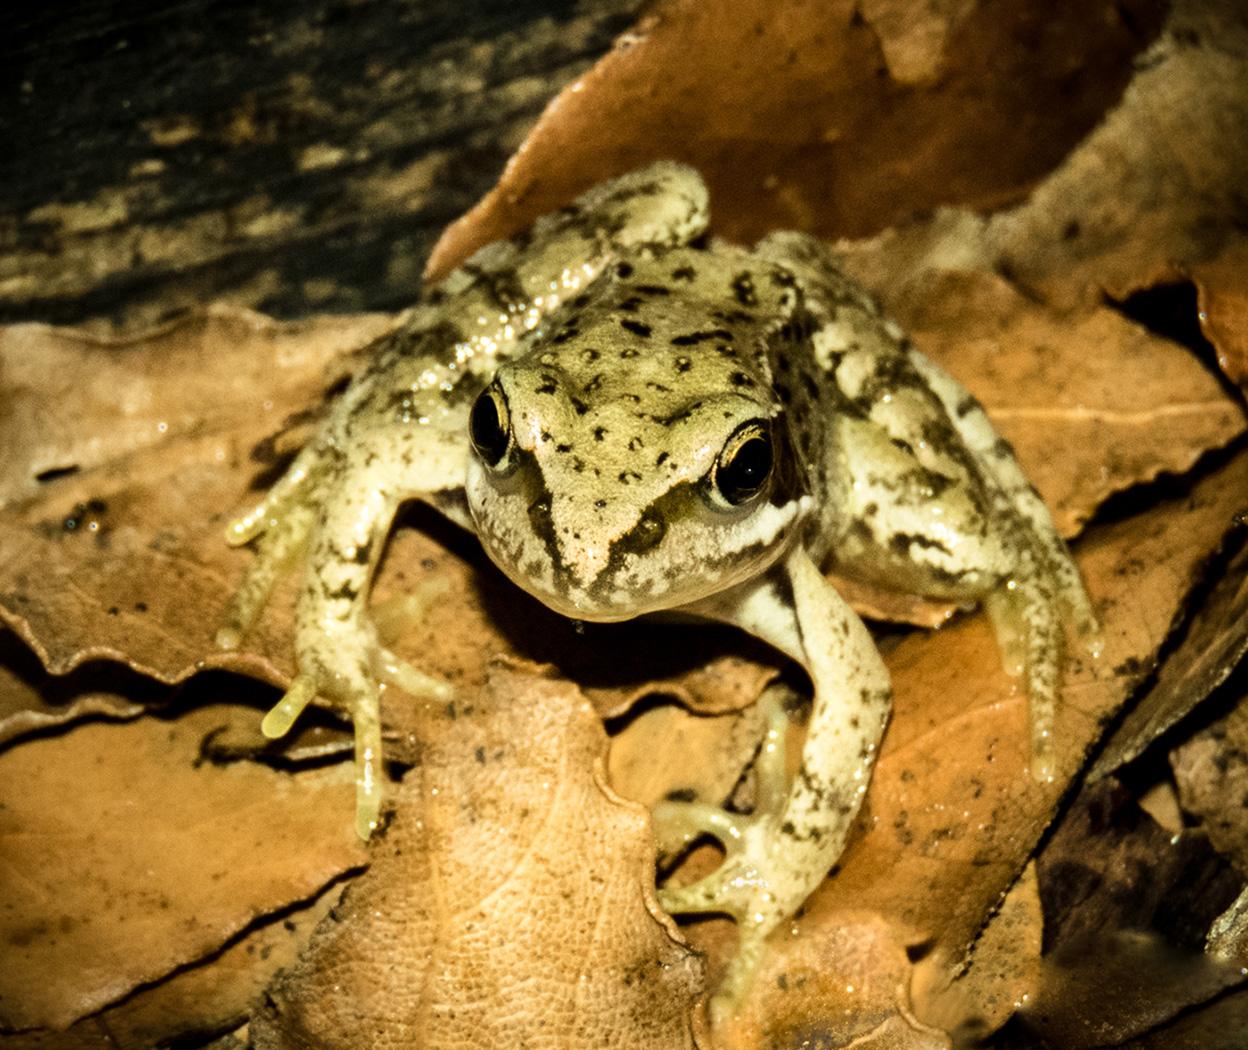 Frog on a Dry Bayleaf